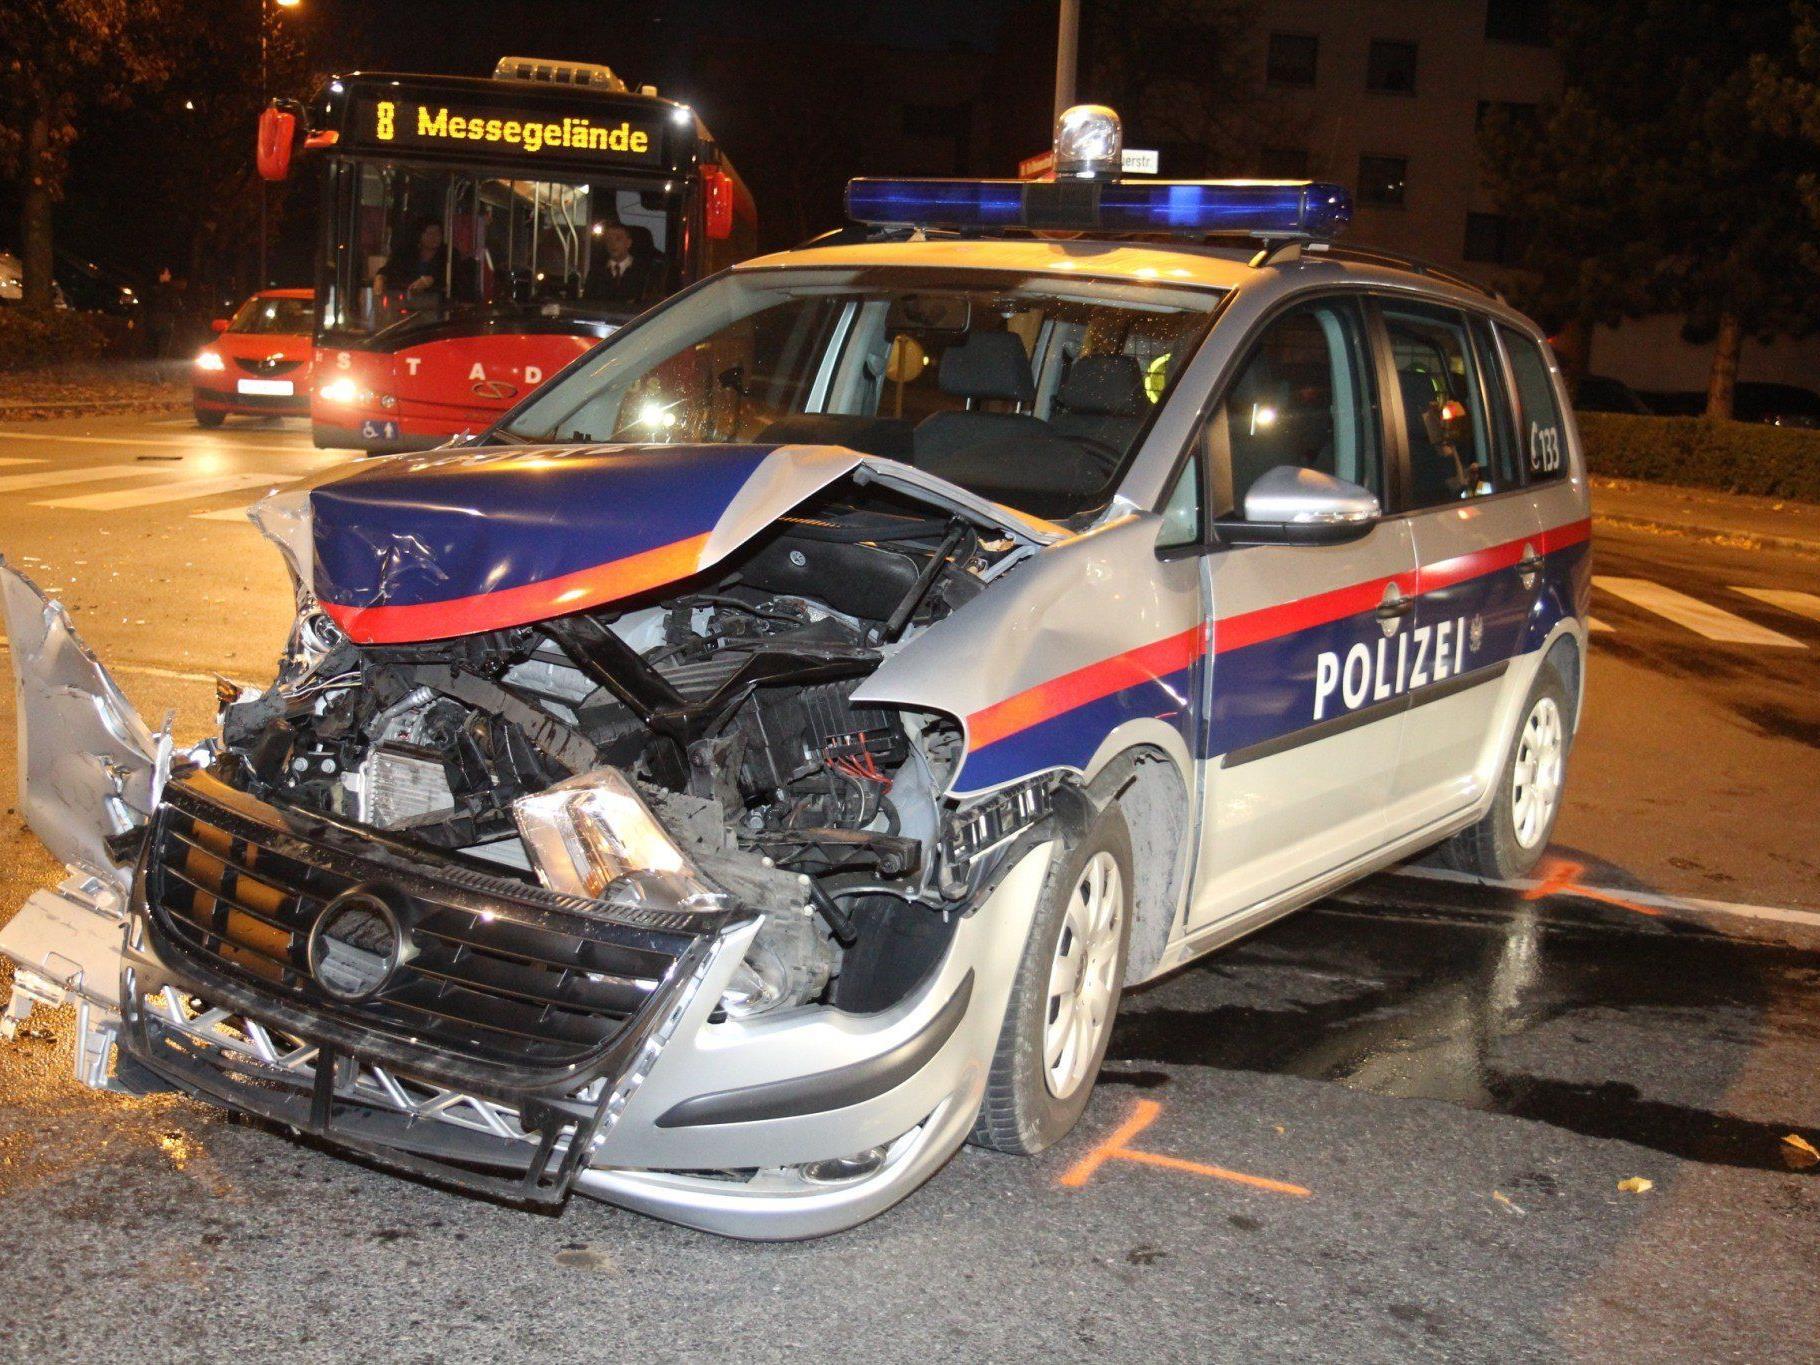 7. November 2011: Polizist fuhr mit Blaulicht, Folgetonhorn und Tempo 30 bis 40 in die Kreuzung ein, es kam zur Kollision.